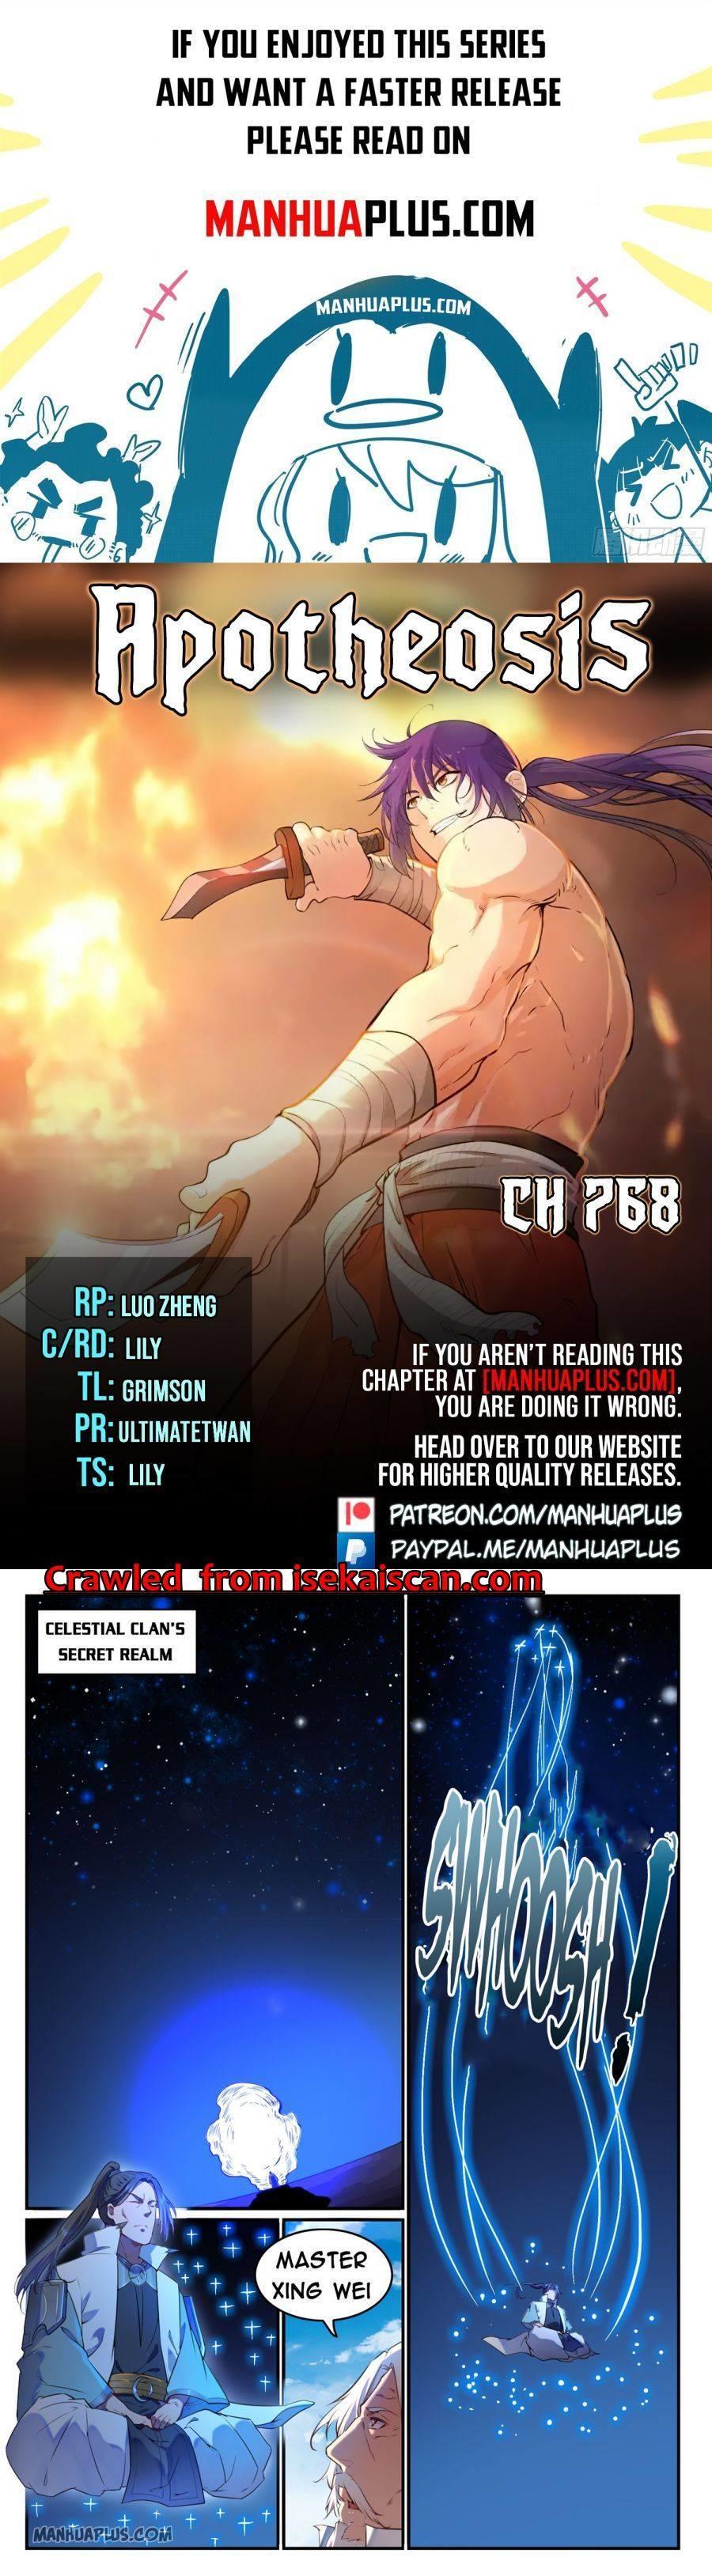 Apotheosis Chapter 768 page 1 - Mangakakalots.com